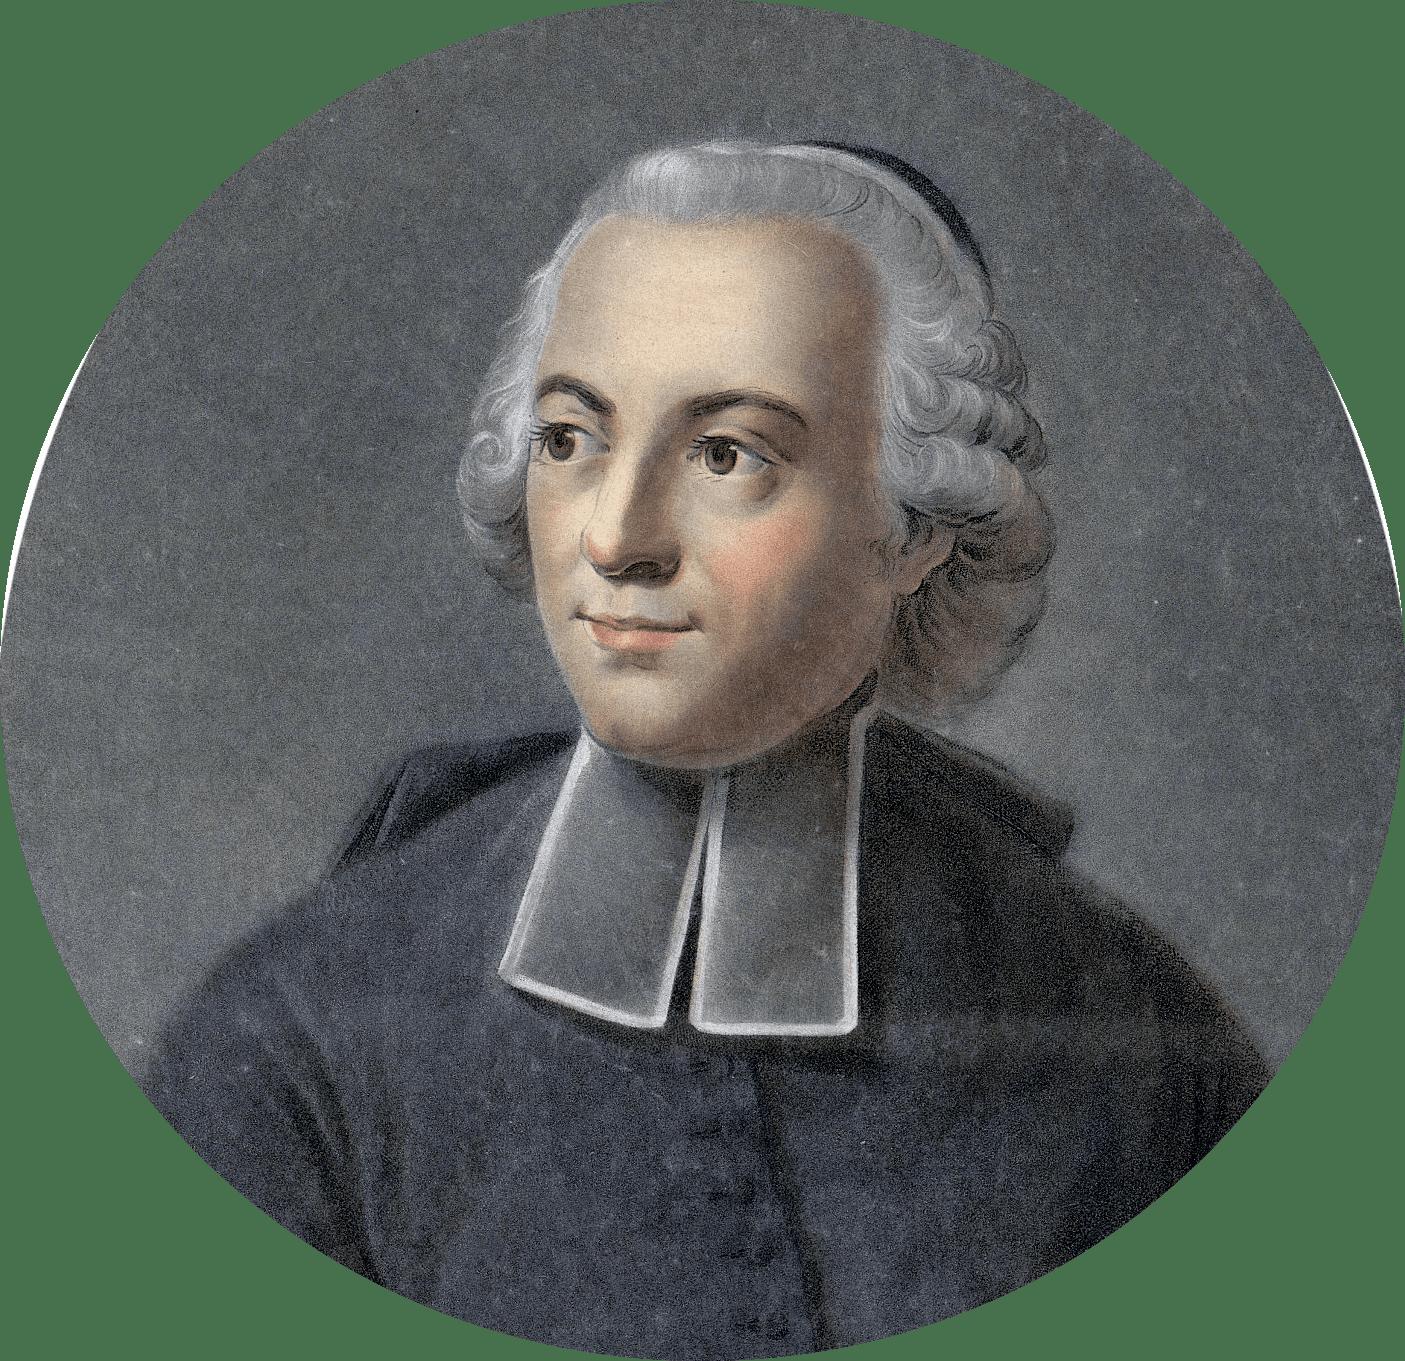 Étienne de Condillac